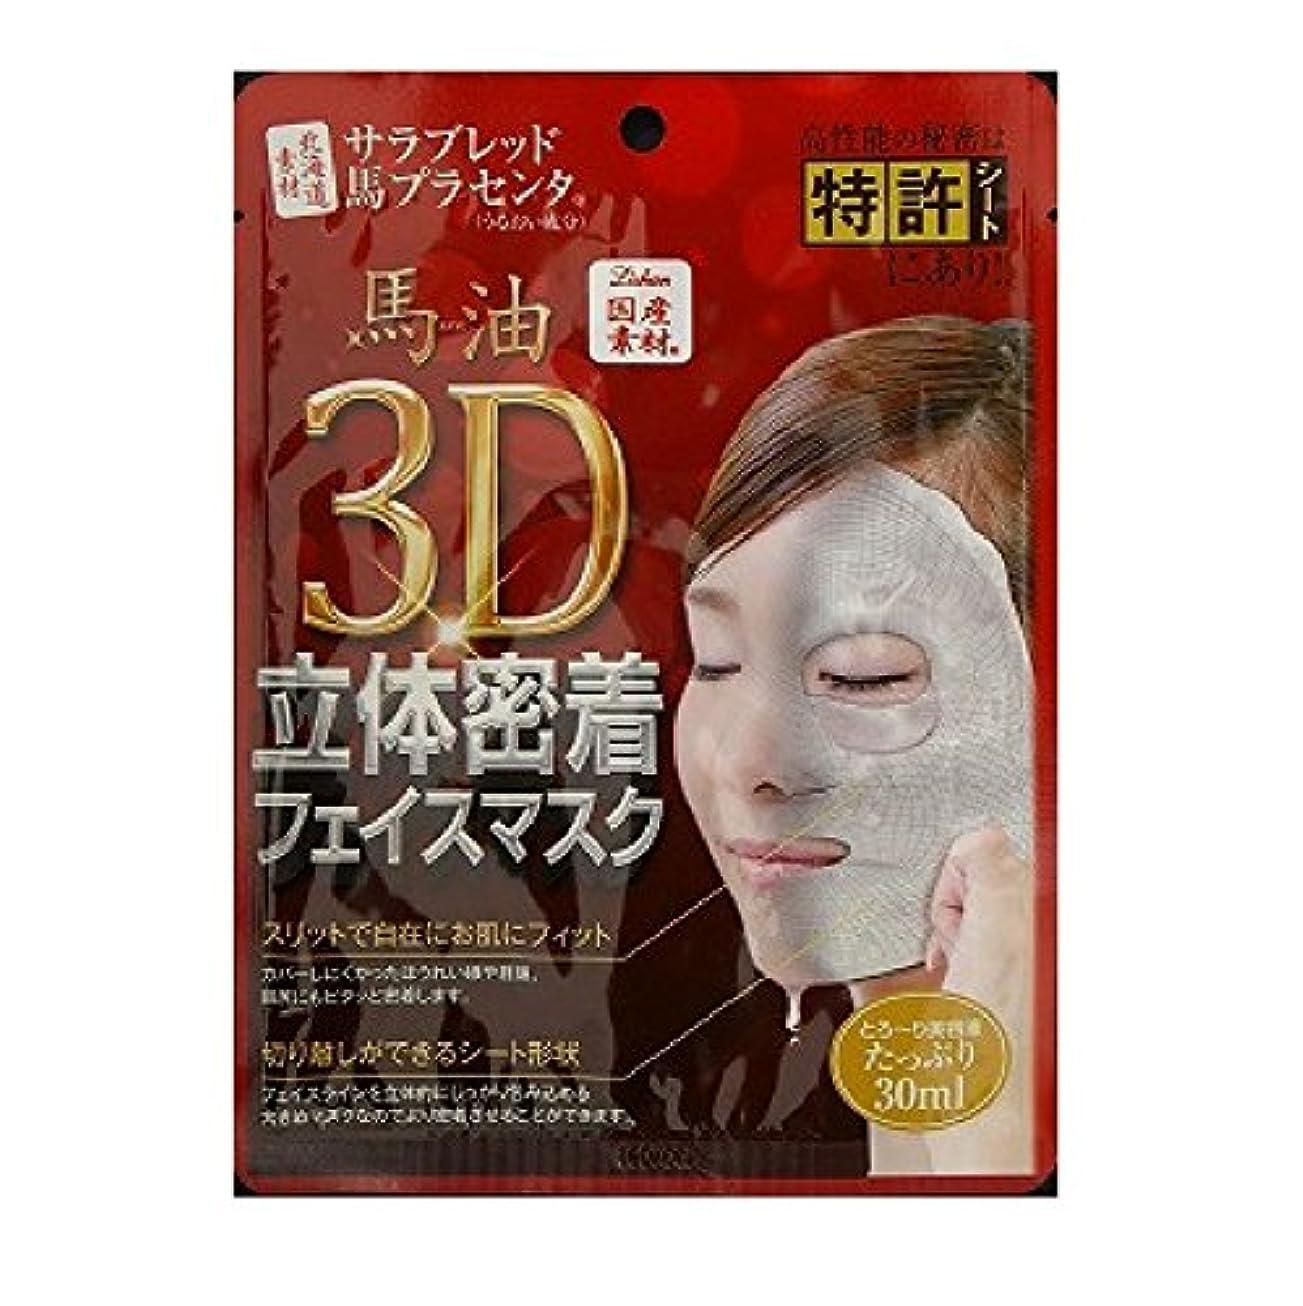 保持同化民兵アイスタイル リシャン馬油3D立体密着フェイスマスク無香料 1枚入り